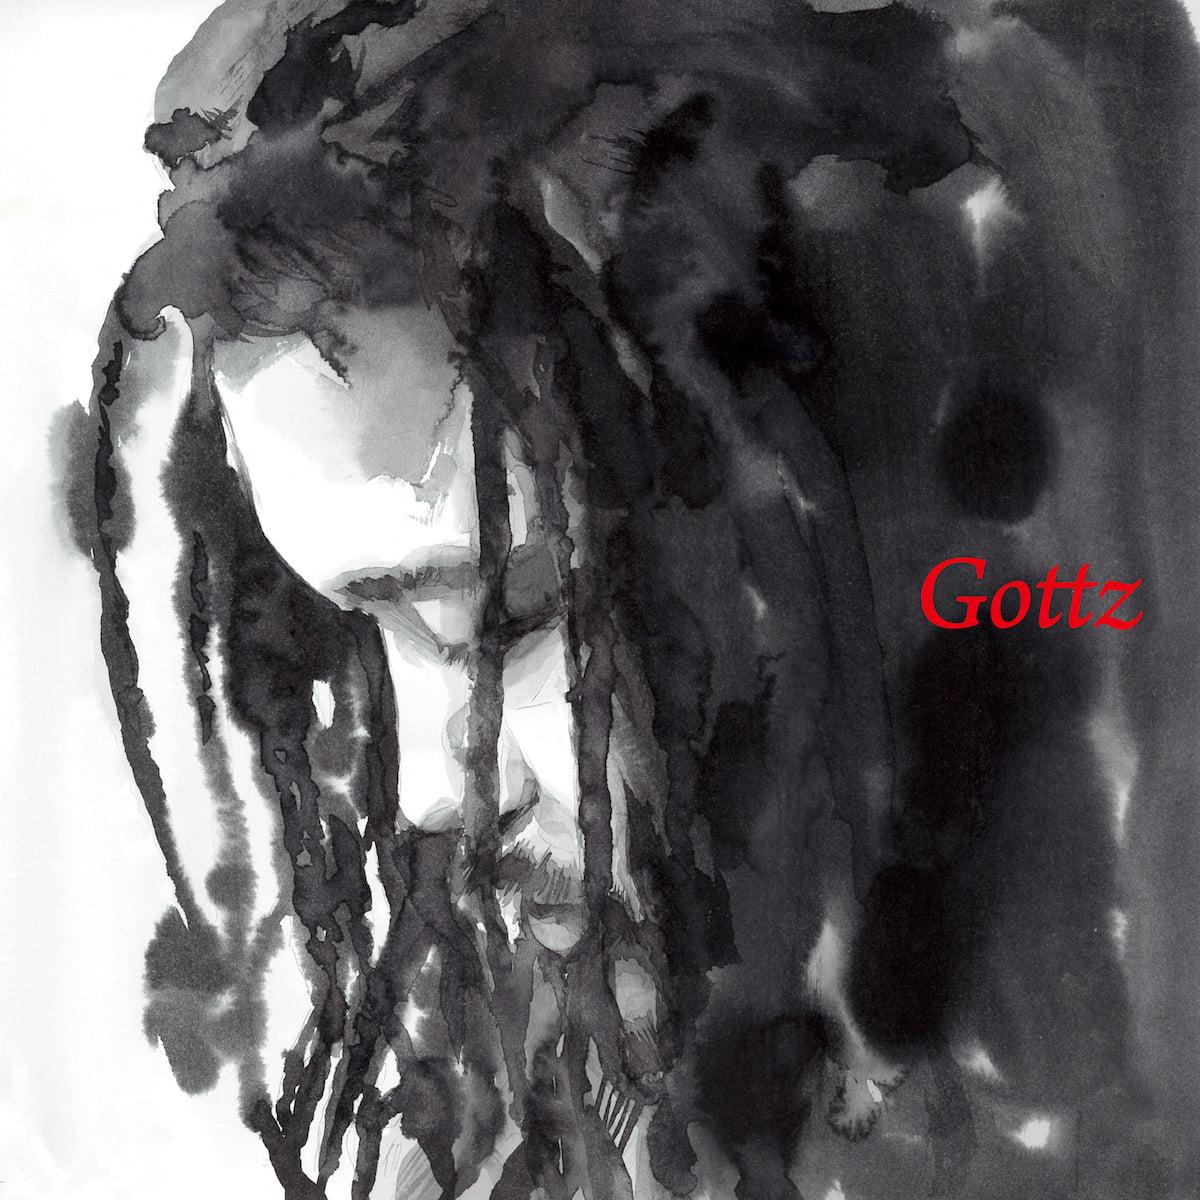 KANDYTOWN・Gottzの2ndアルバム『SAKURAGAOKA』リリース決定|客演にはBLAISE、Weny Dacillo、Ryohuら参加 music190304_gottz_1-1200x1200